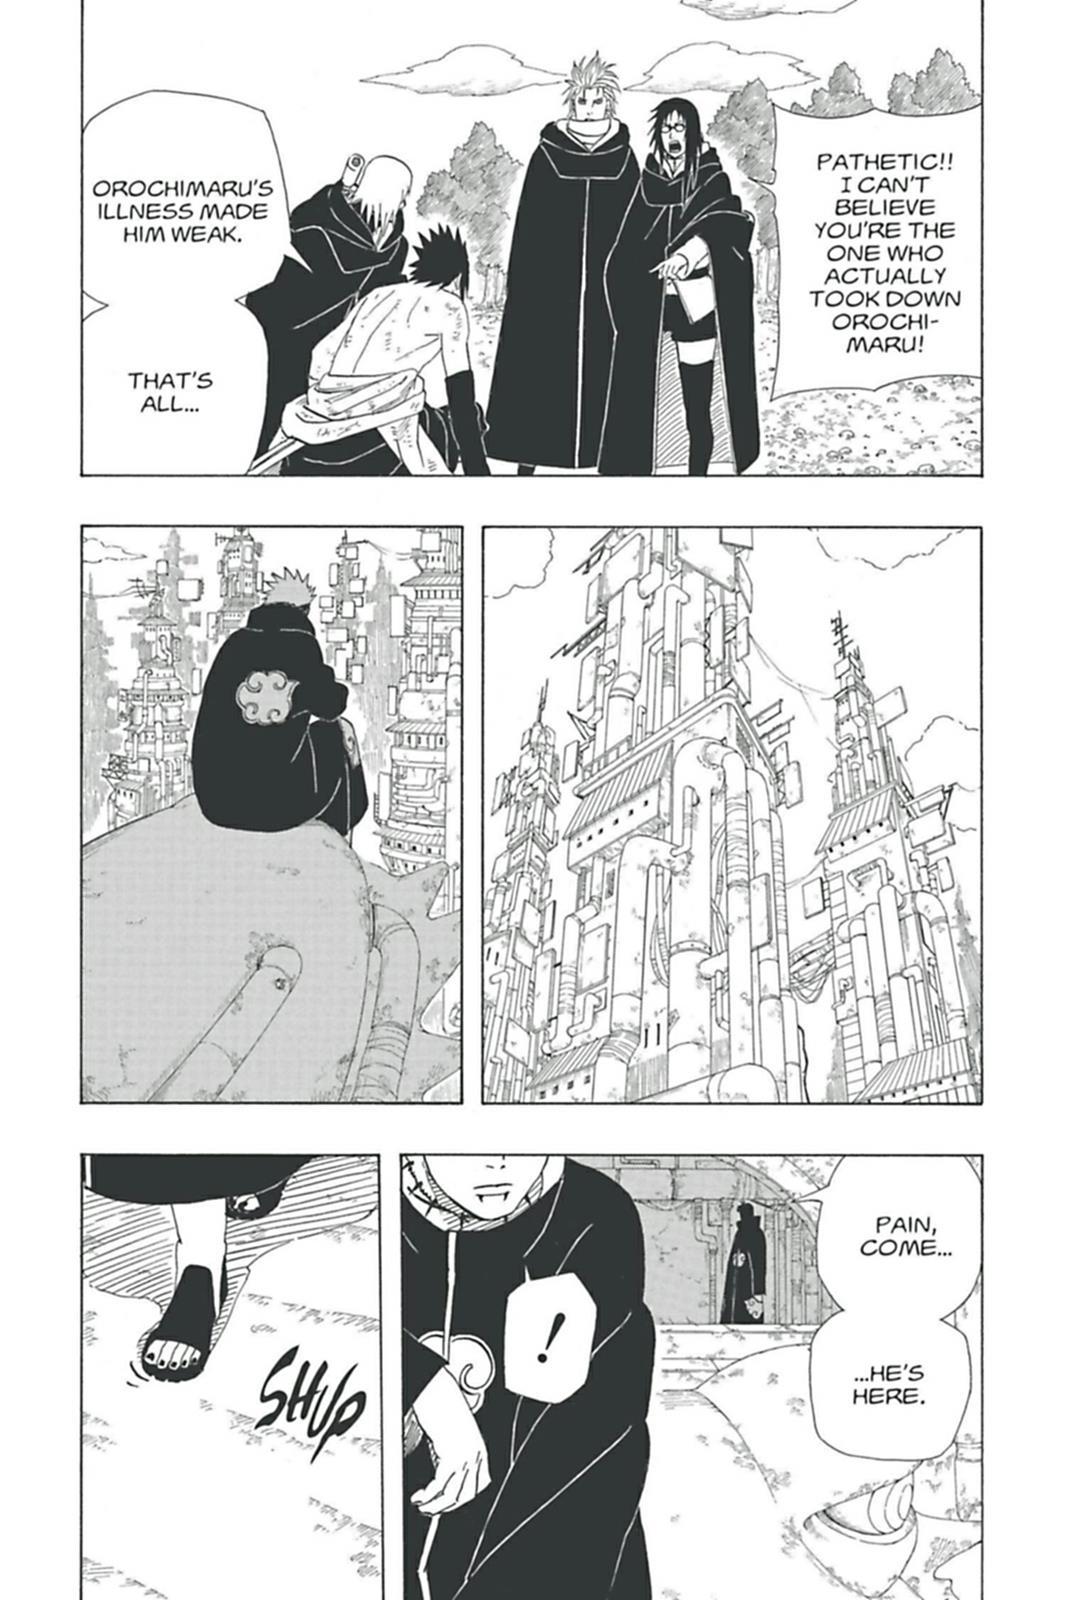 Mais poderoso do que você imagina #1: Orochimaru 0363-015